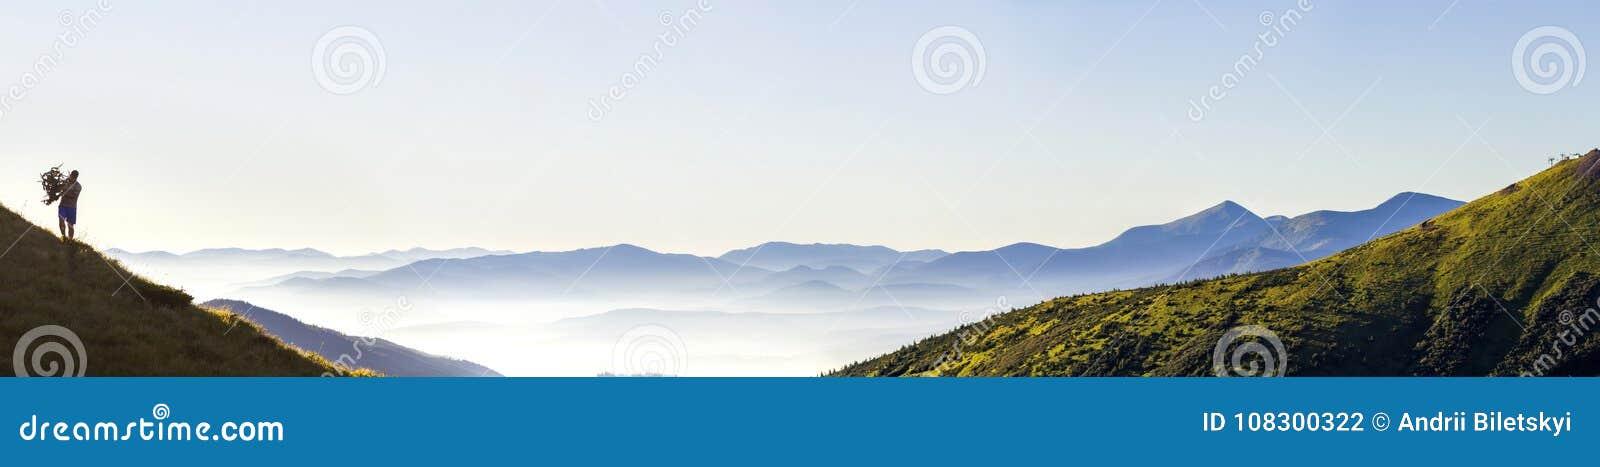 Breites Panorama von Morgengebirgshügeln und von einsamem Wanderertouristen